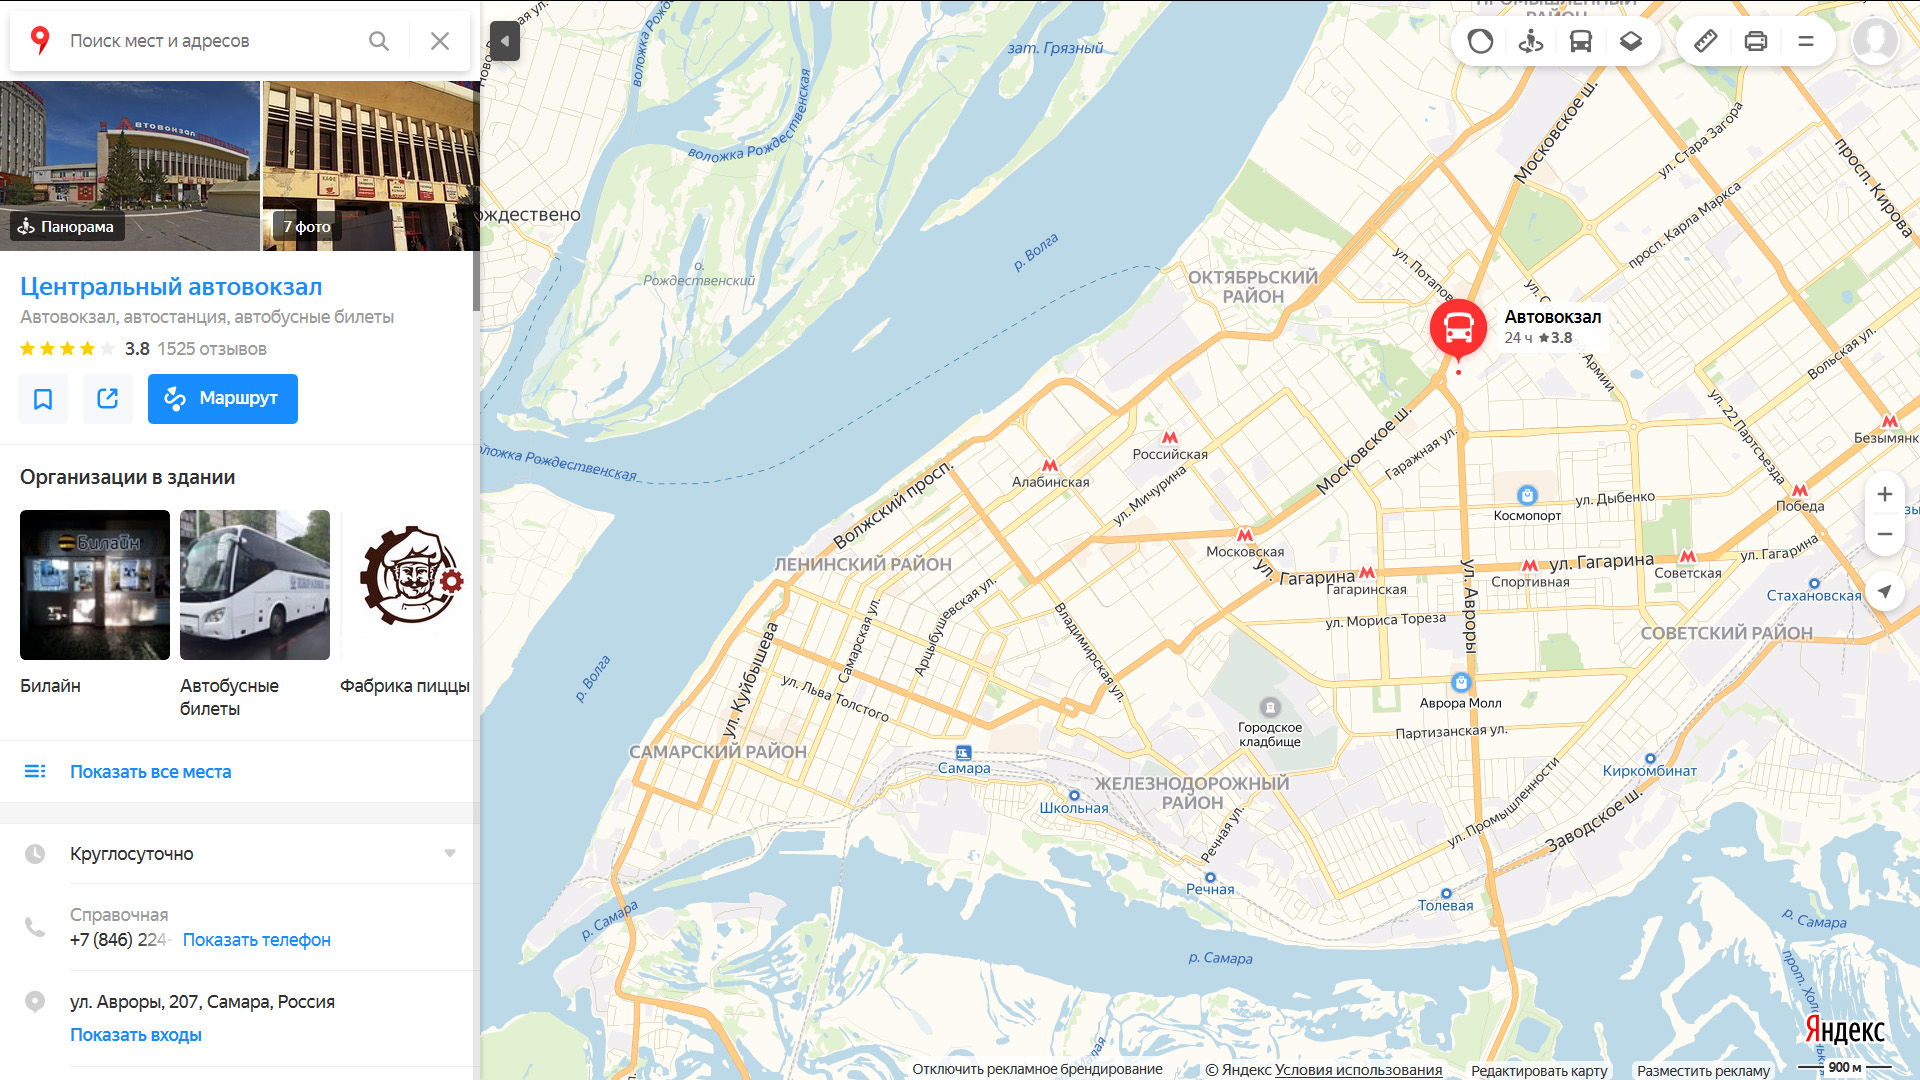 Центральный автовокзал Самара на карте города